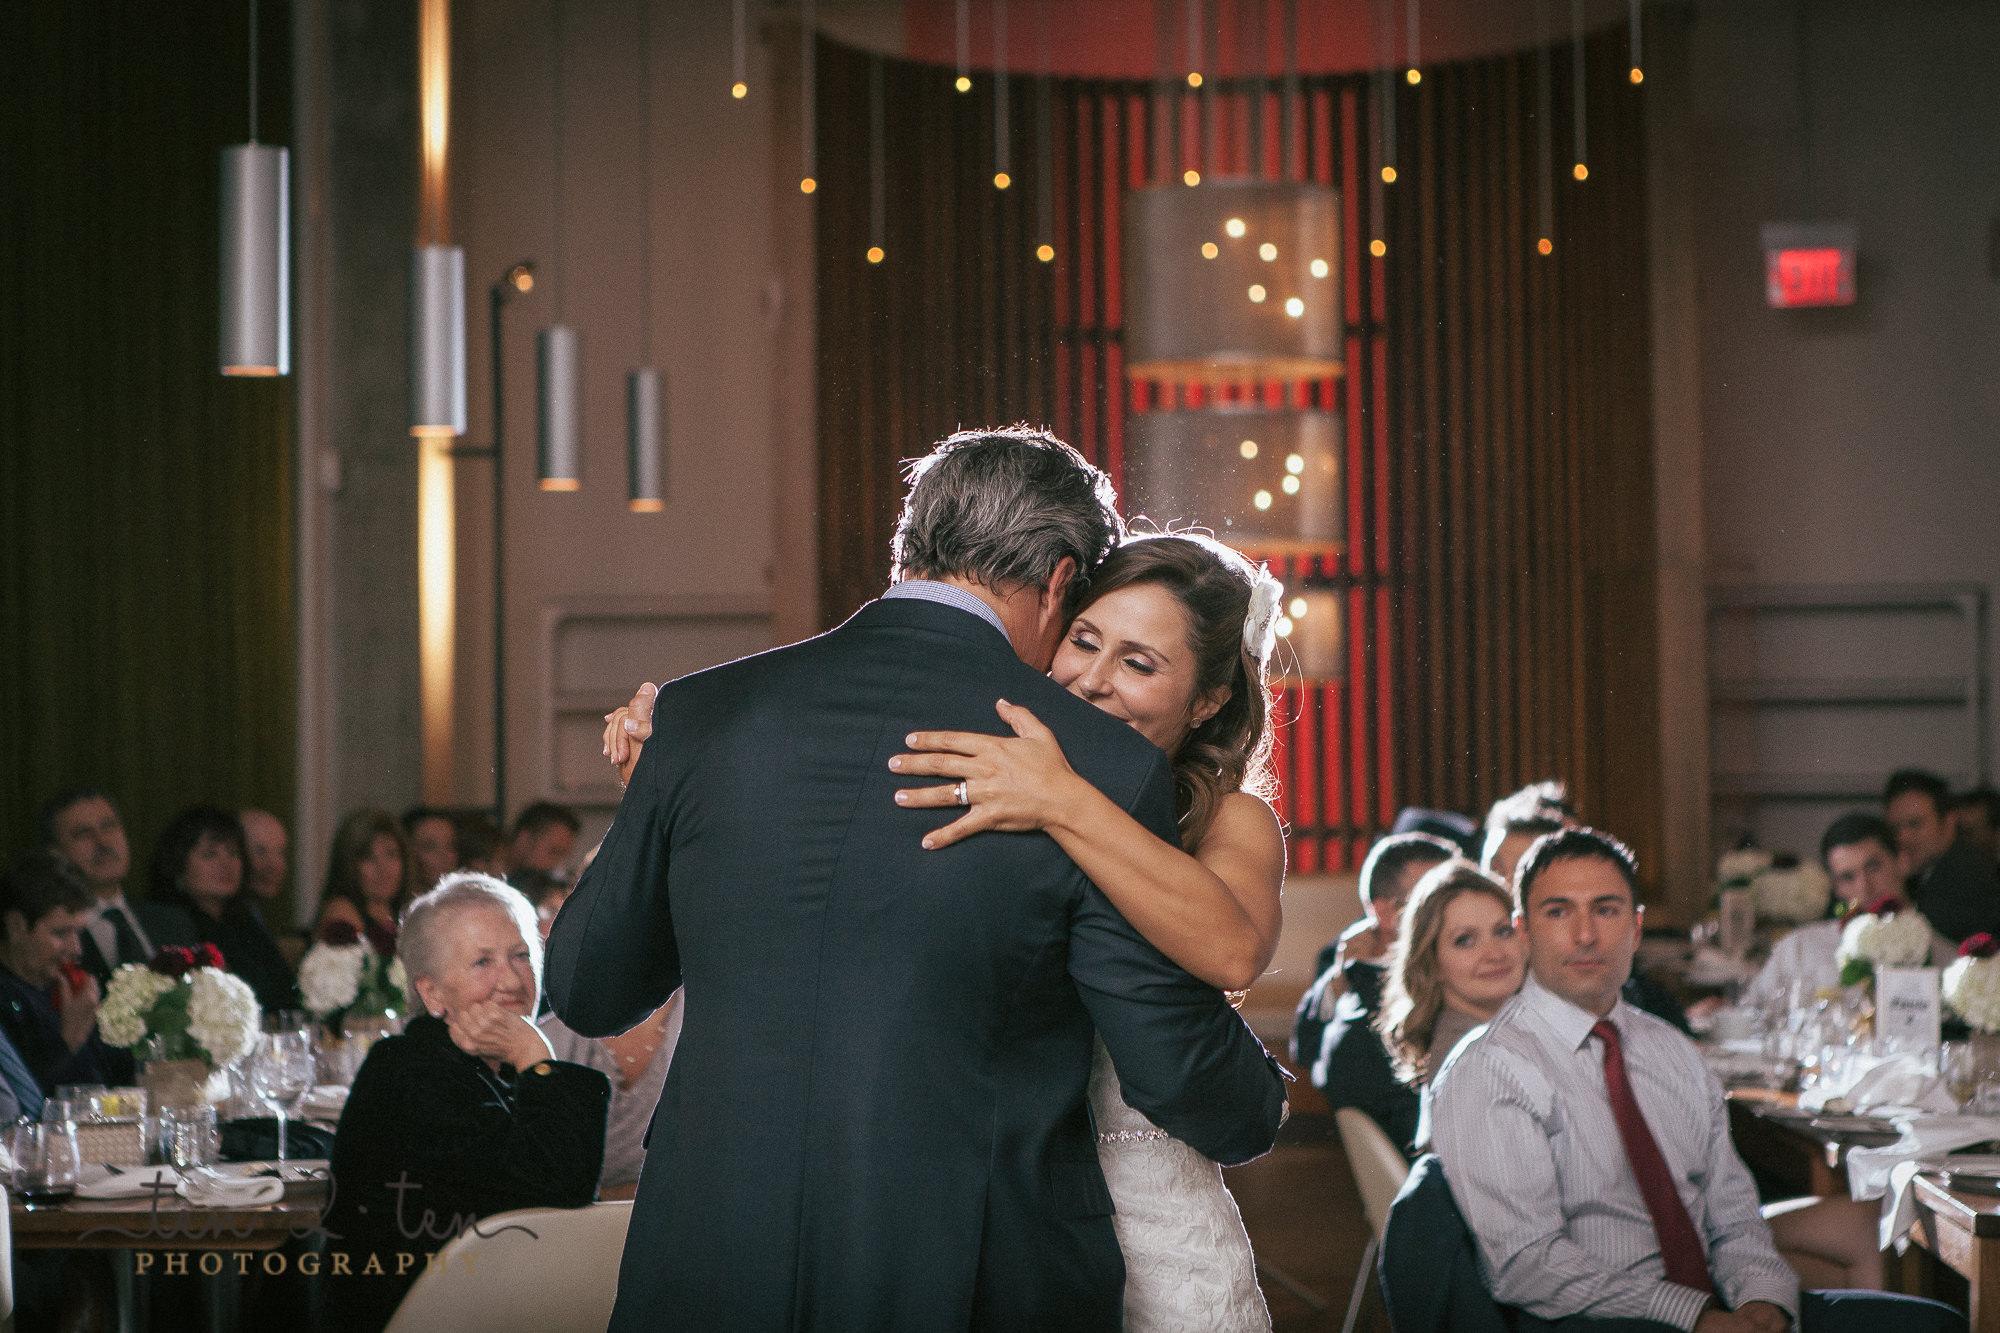 mildreds temple kitchen wedding photos 475 - Mildred's Temple Kitchen Wedding Photos